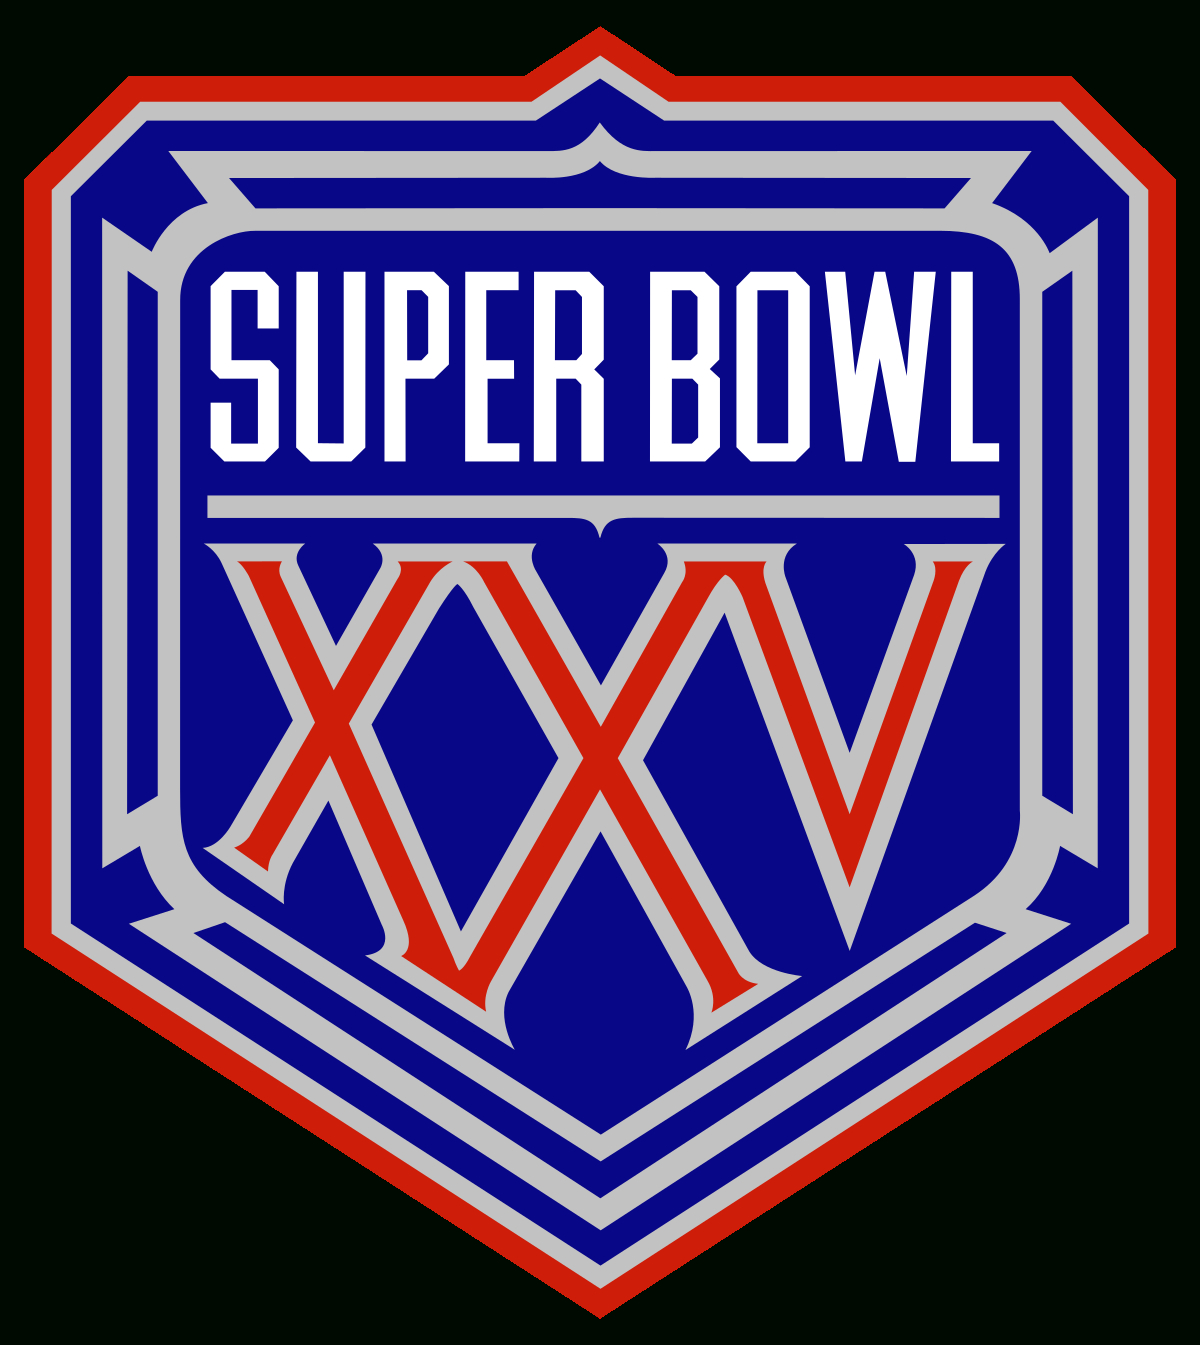 Super Bowl Xxv - Wikipedia